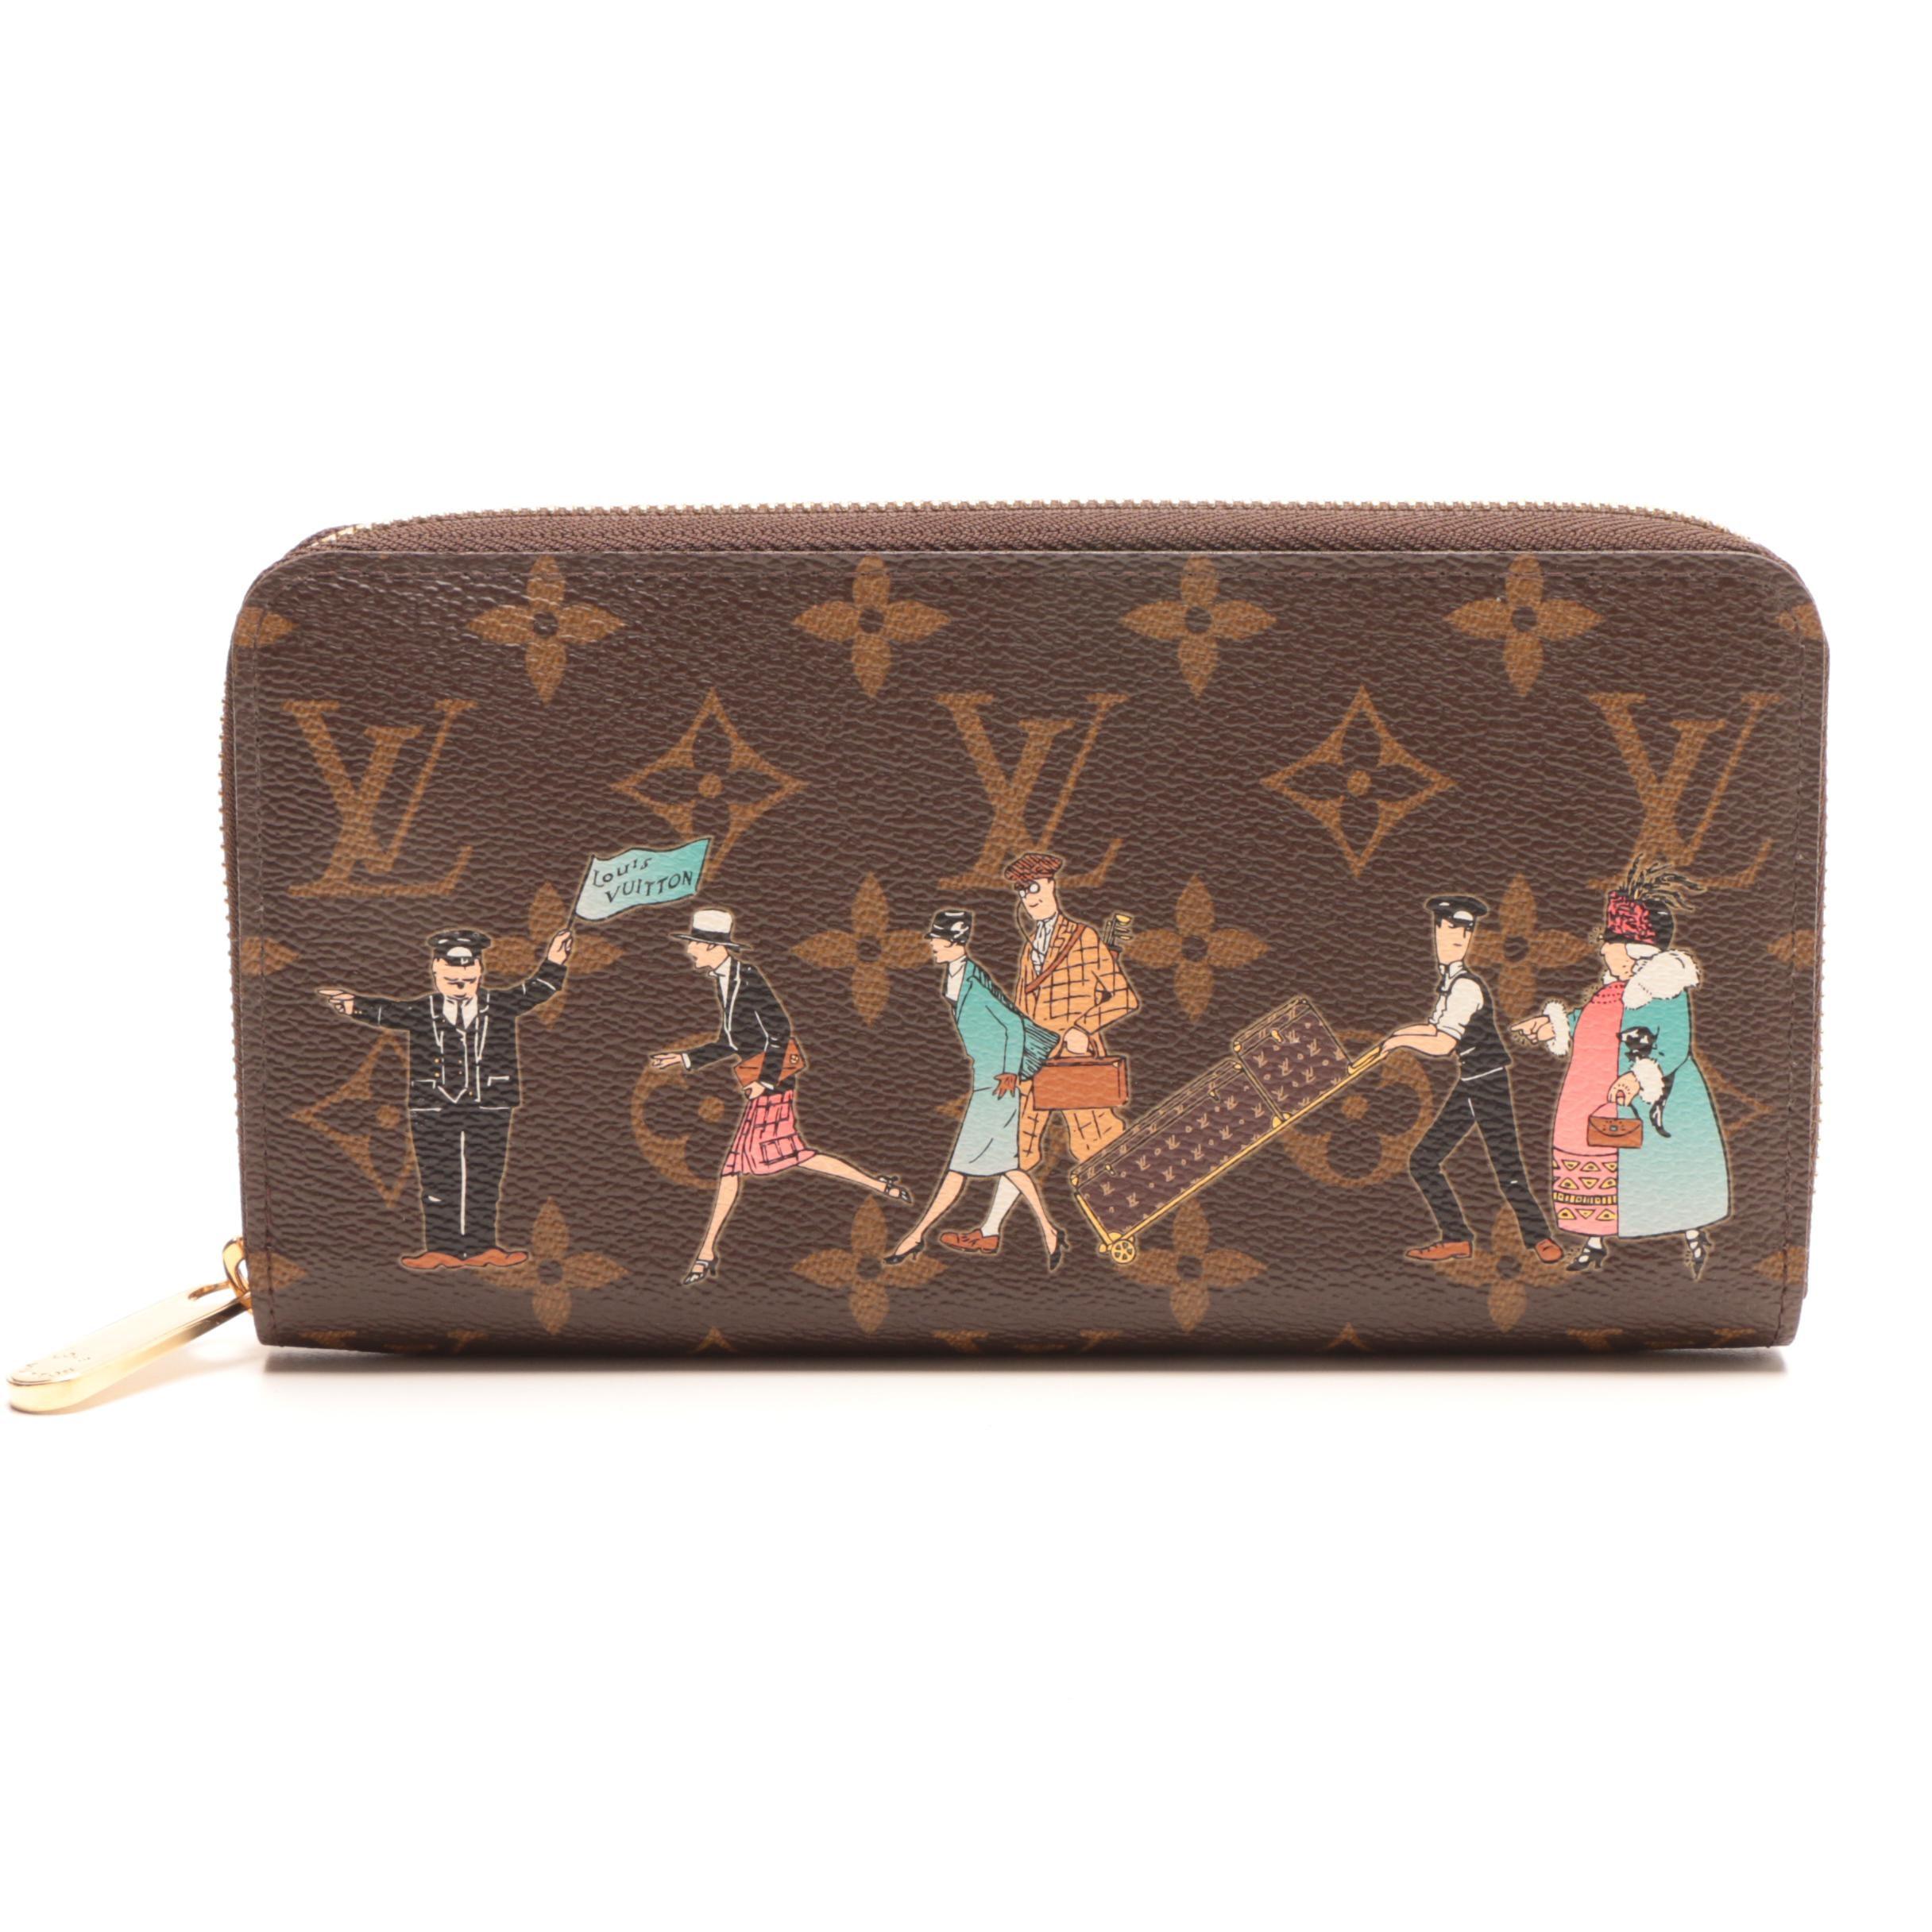 2011 Louis Vuitton Limited Edition Monogram Canvas Illustre Zippy Wallet